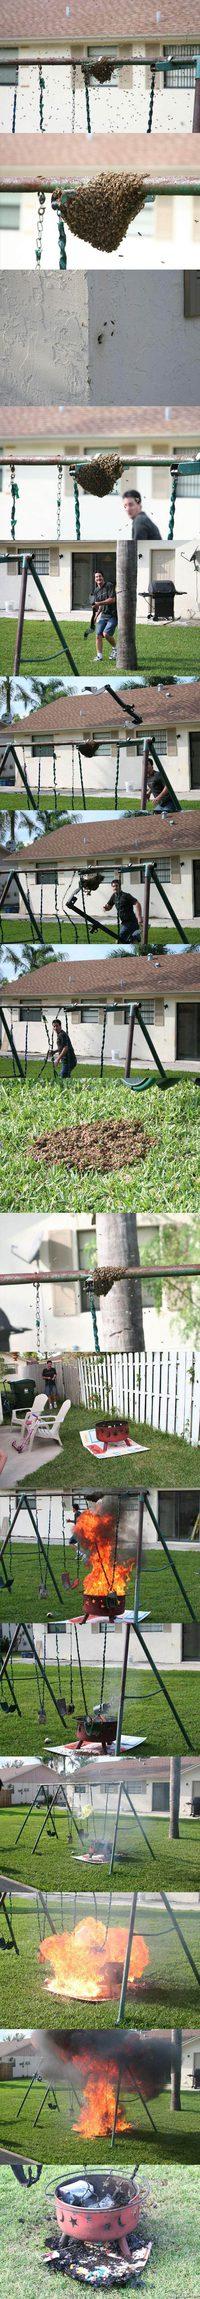 Problème d'abeilles ?